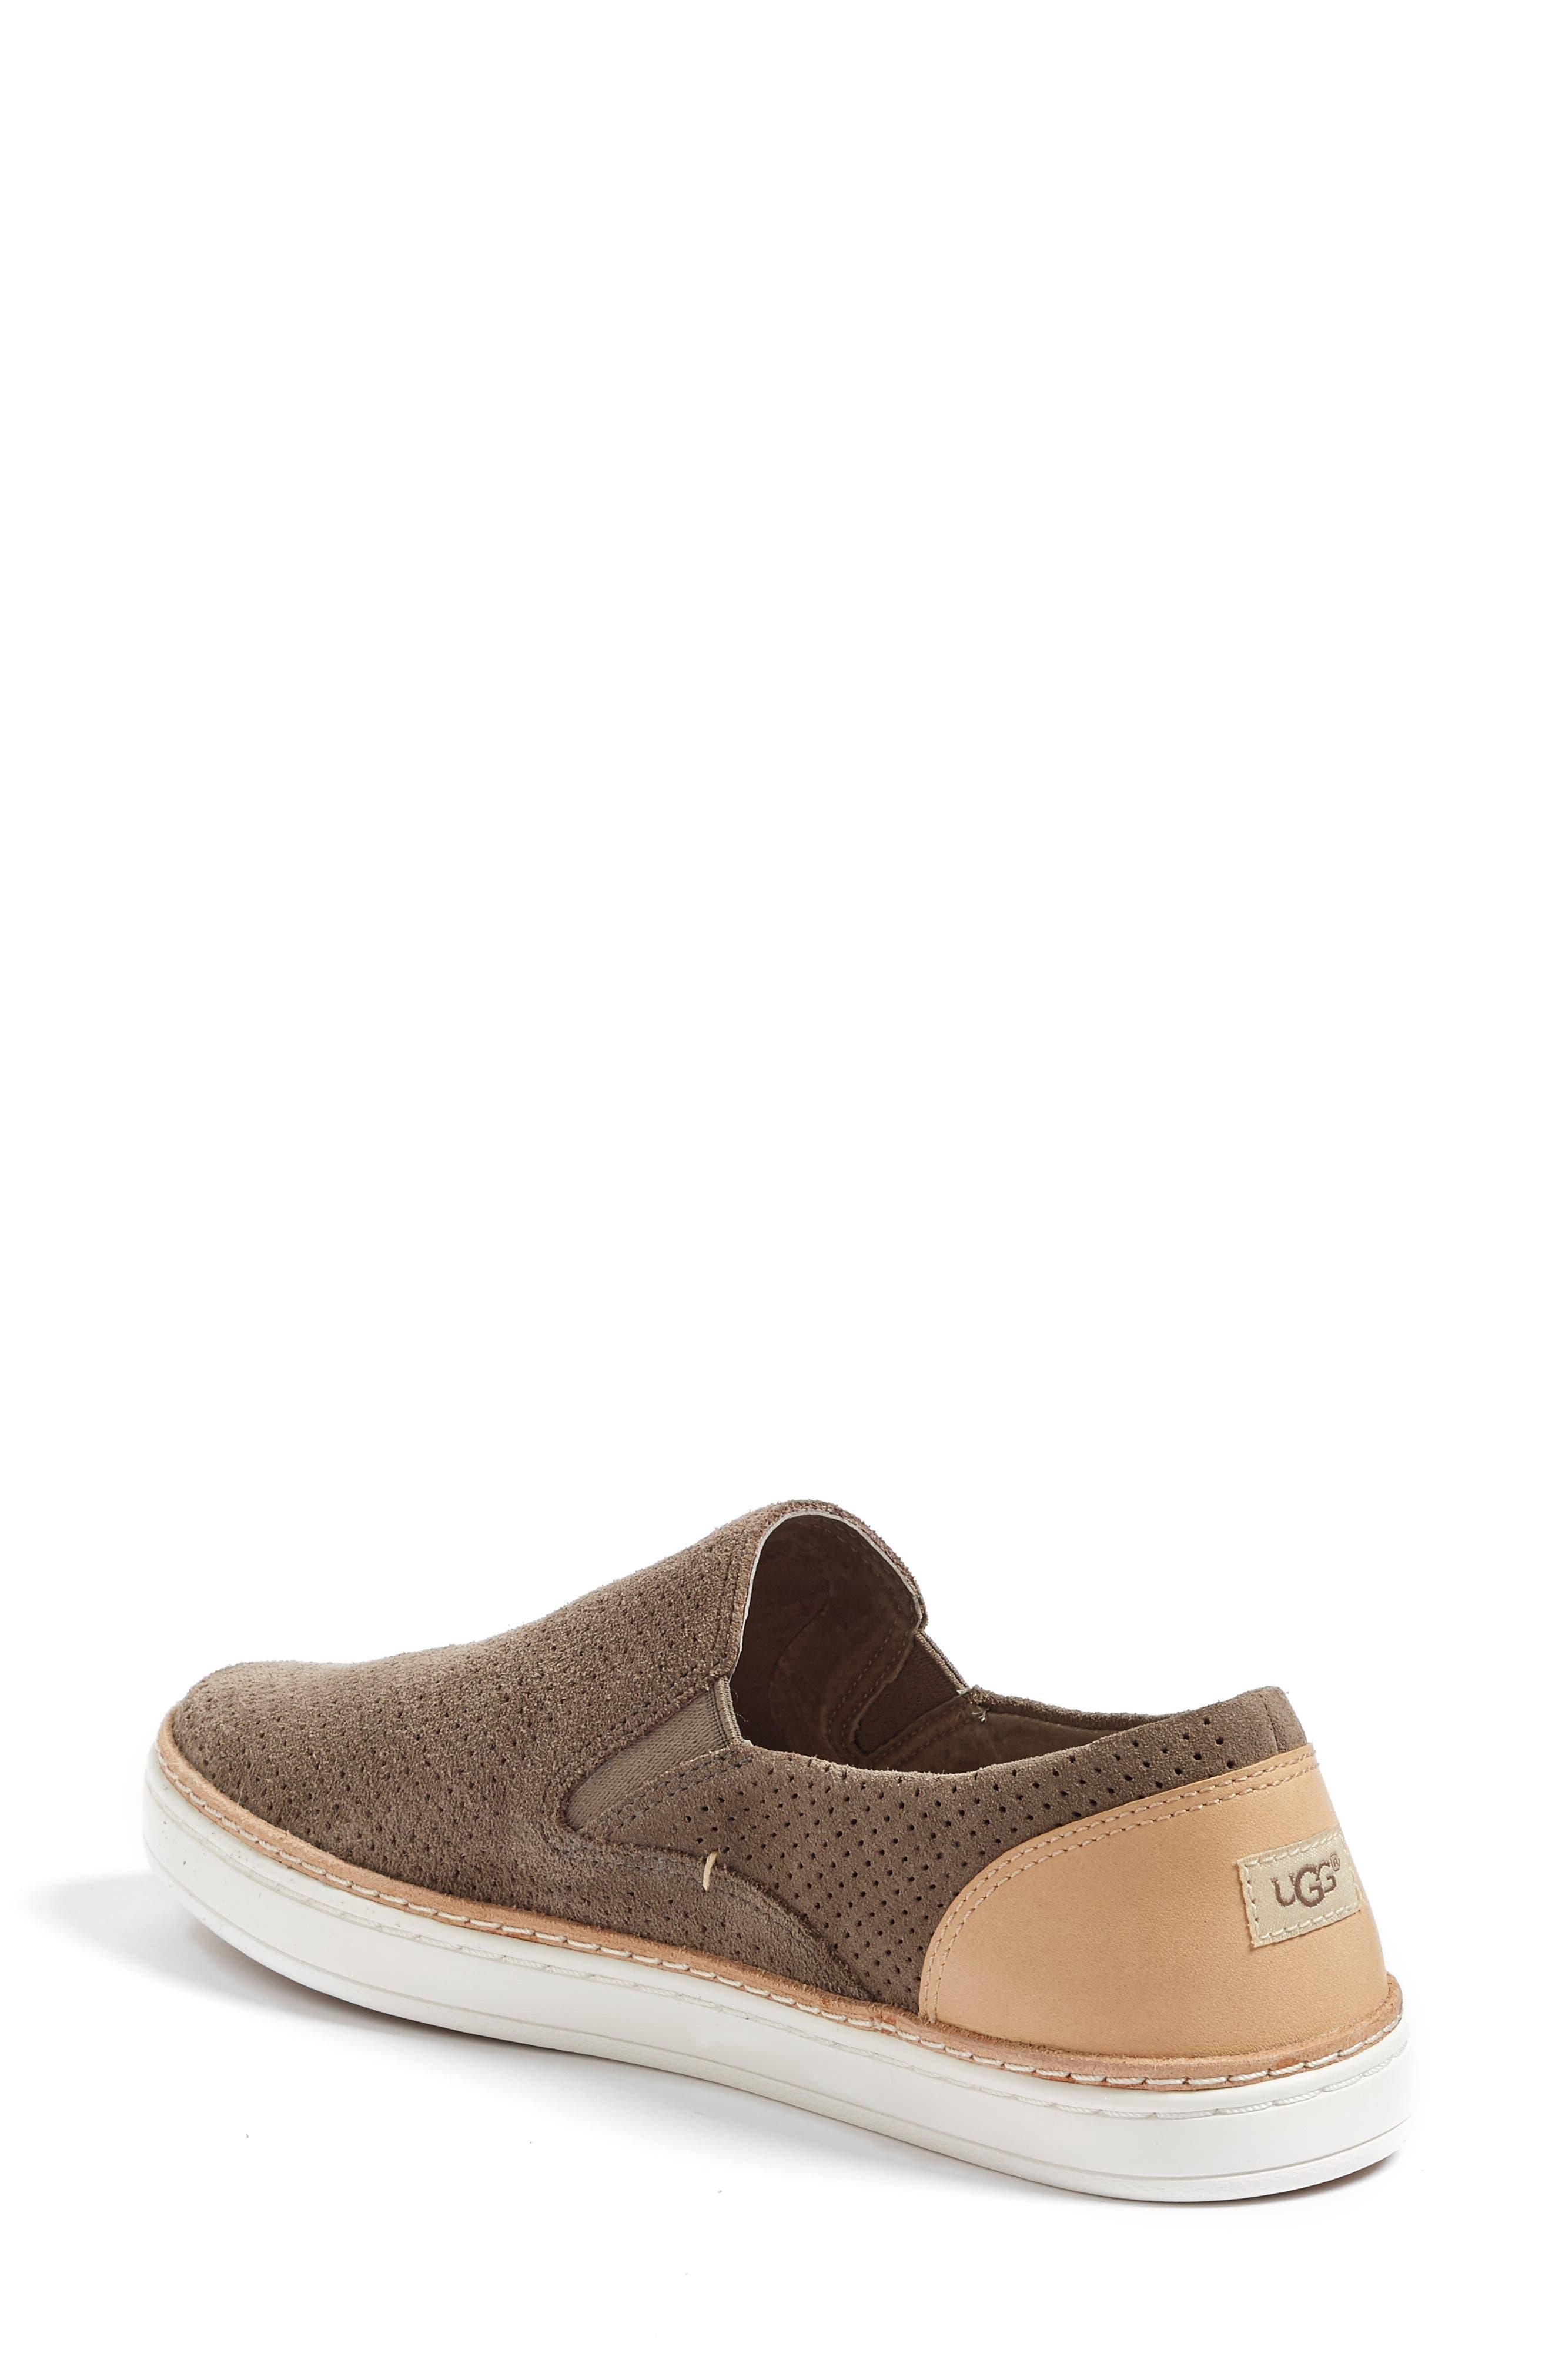 Adley Slip-On Sneaker,                             Alternate thumbnail 25, color,